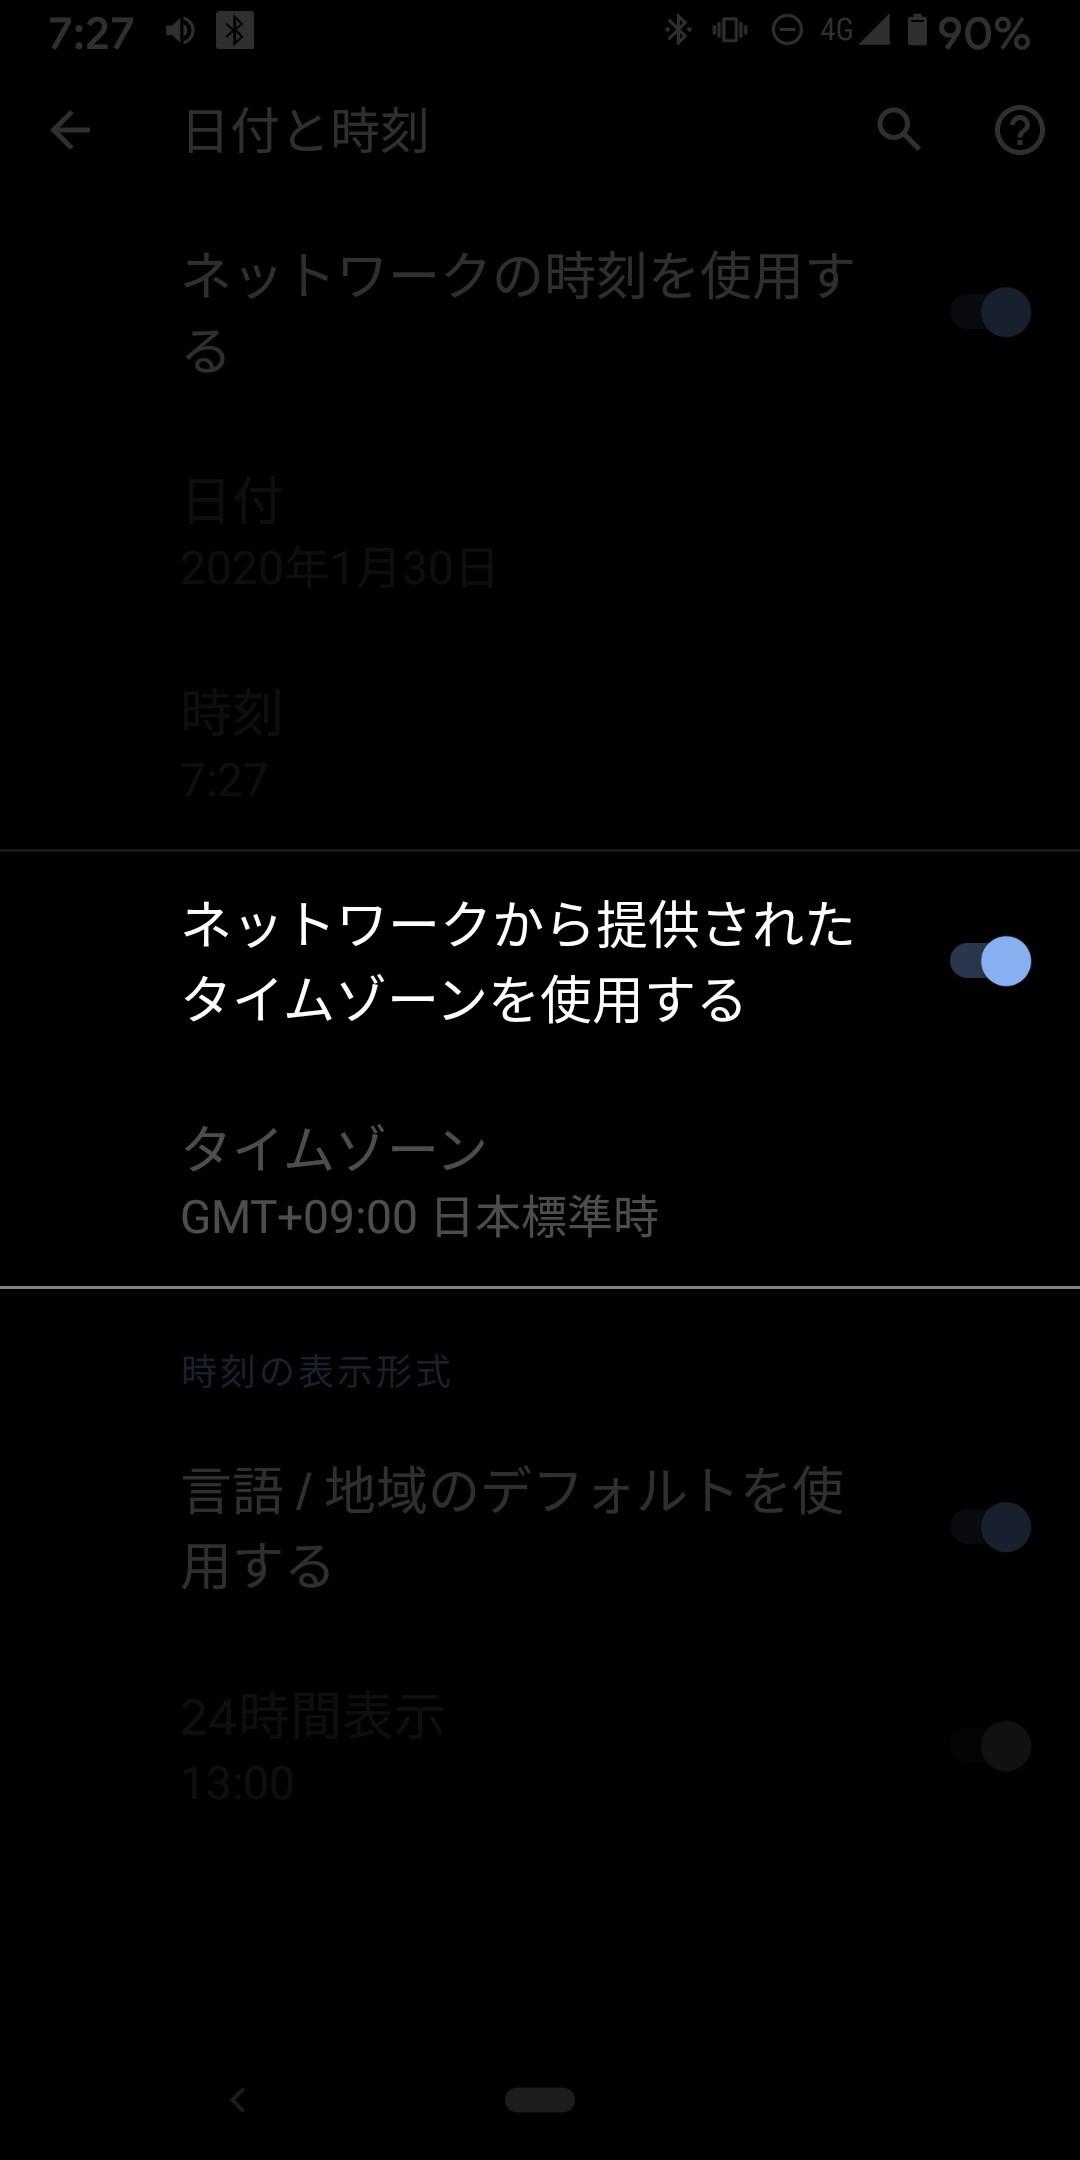 f:id:rakuda95:20200130074618j:image